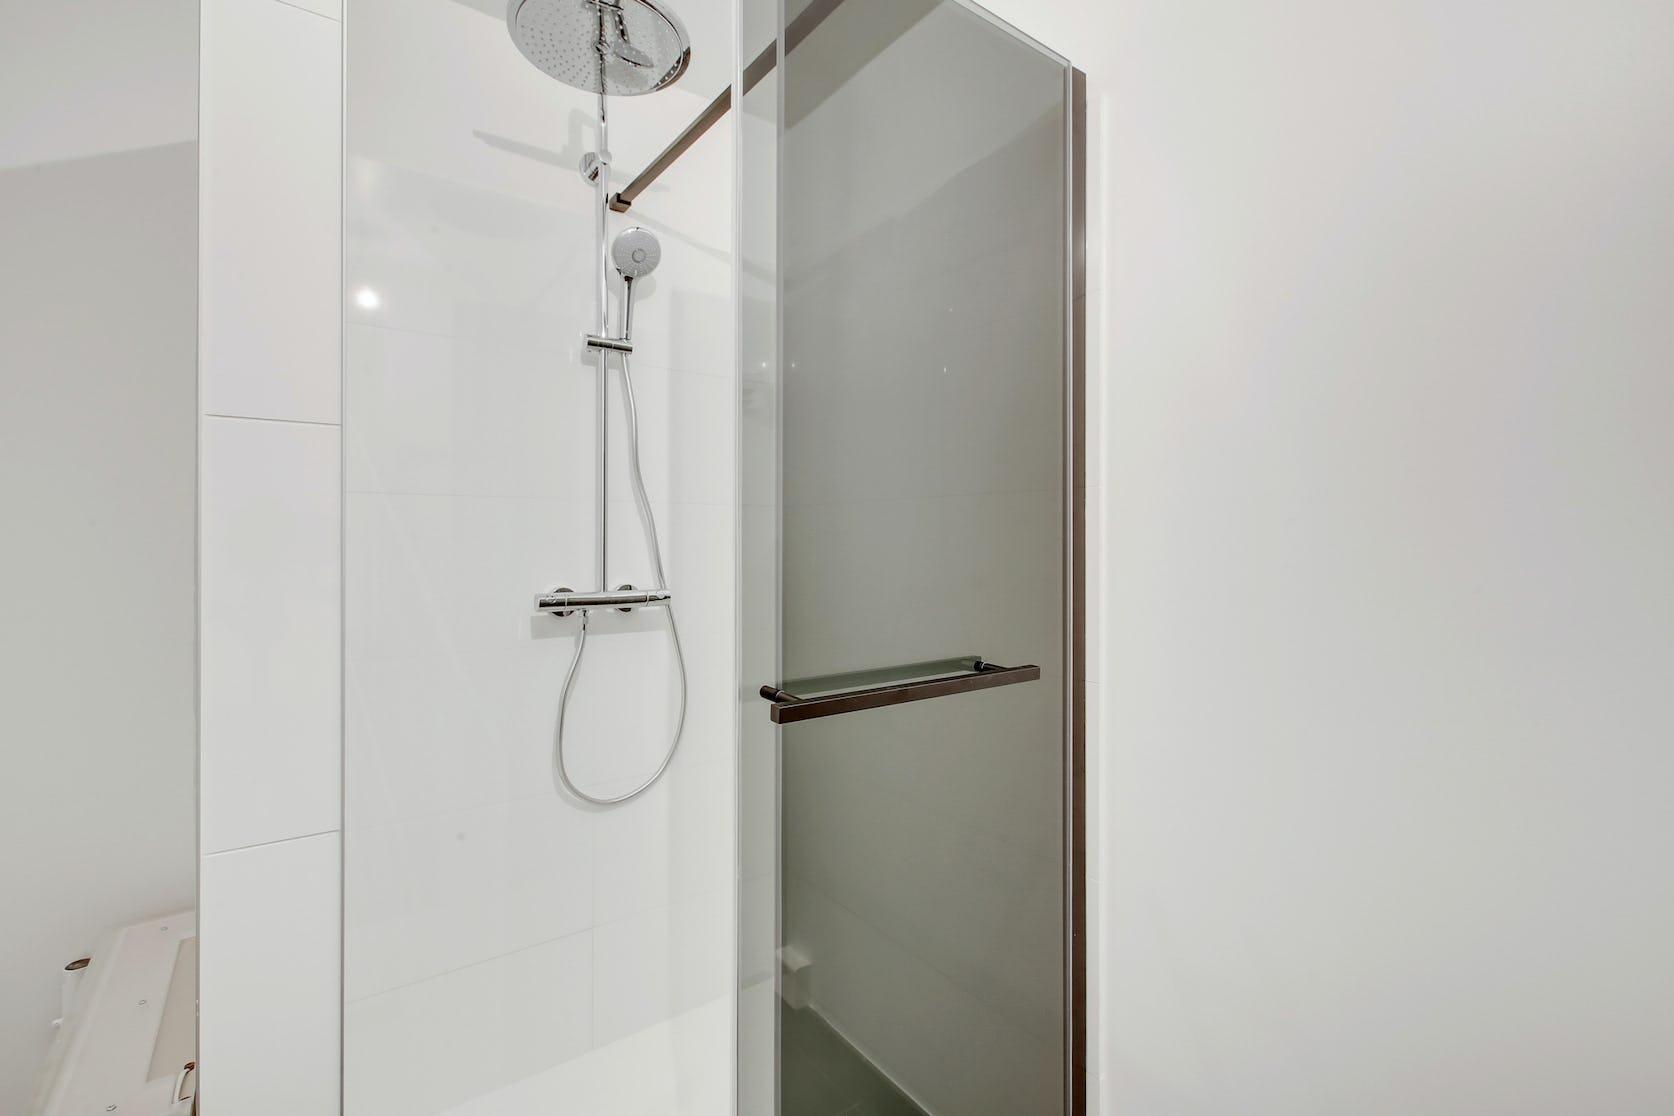 rénovation salle de bain avec bac de douche Clamart